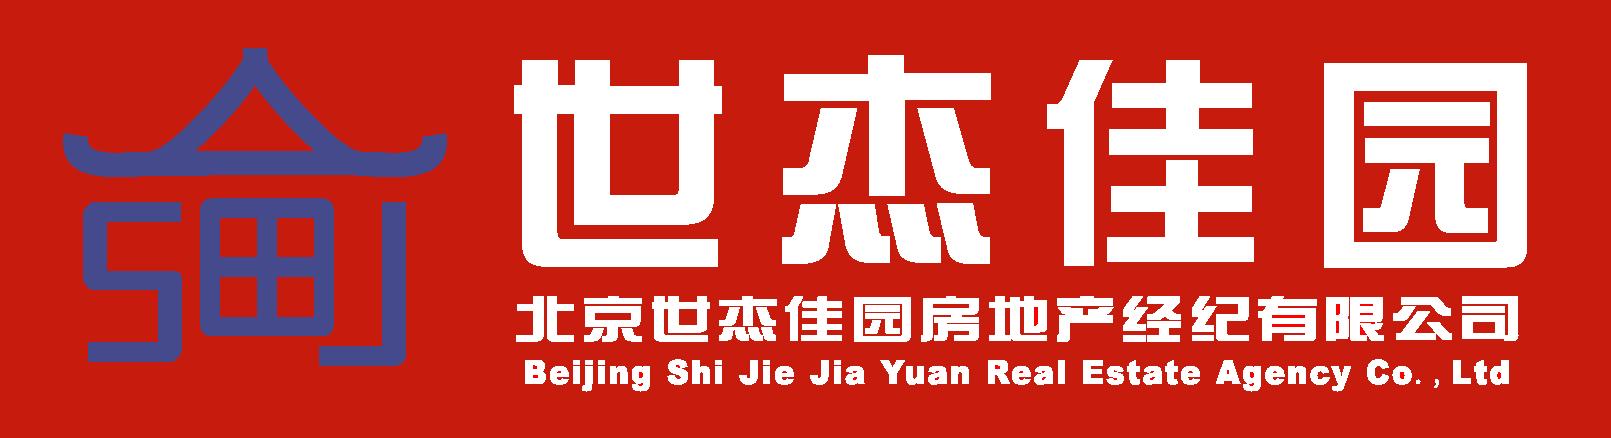 北京世杰佳园房地产经纪有限公司